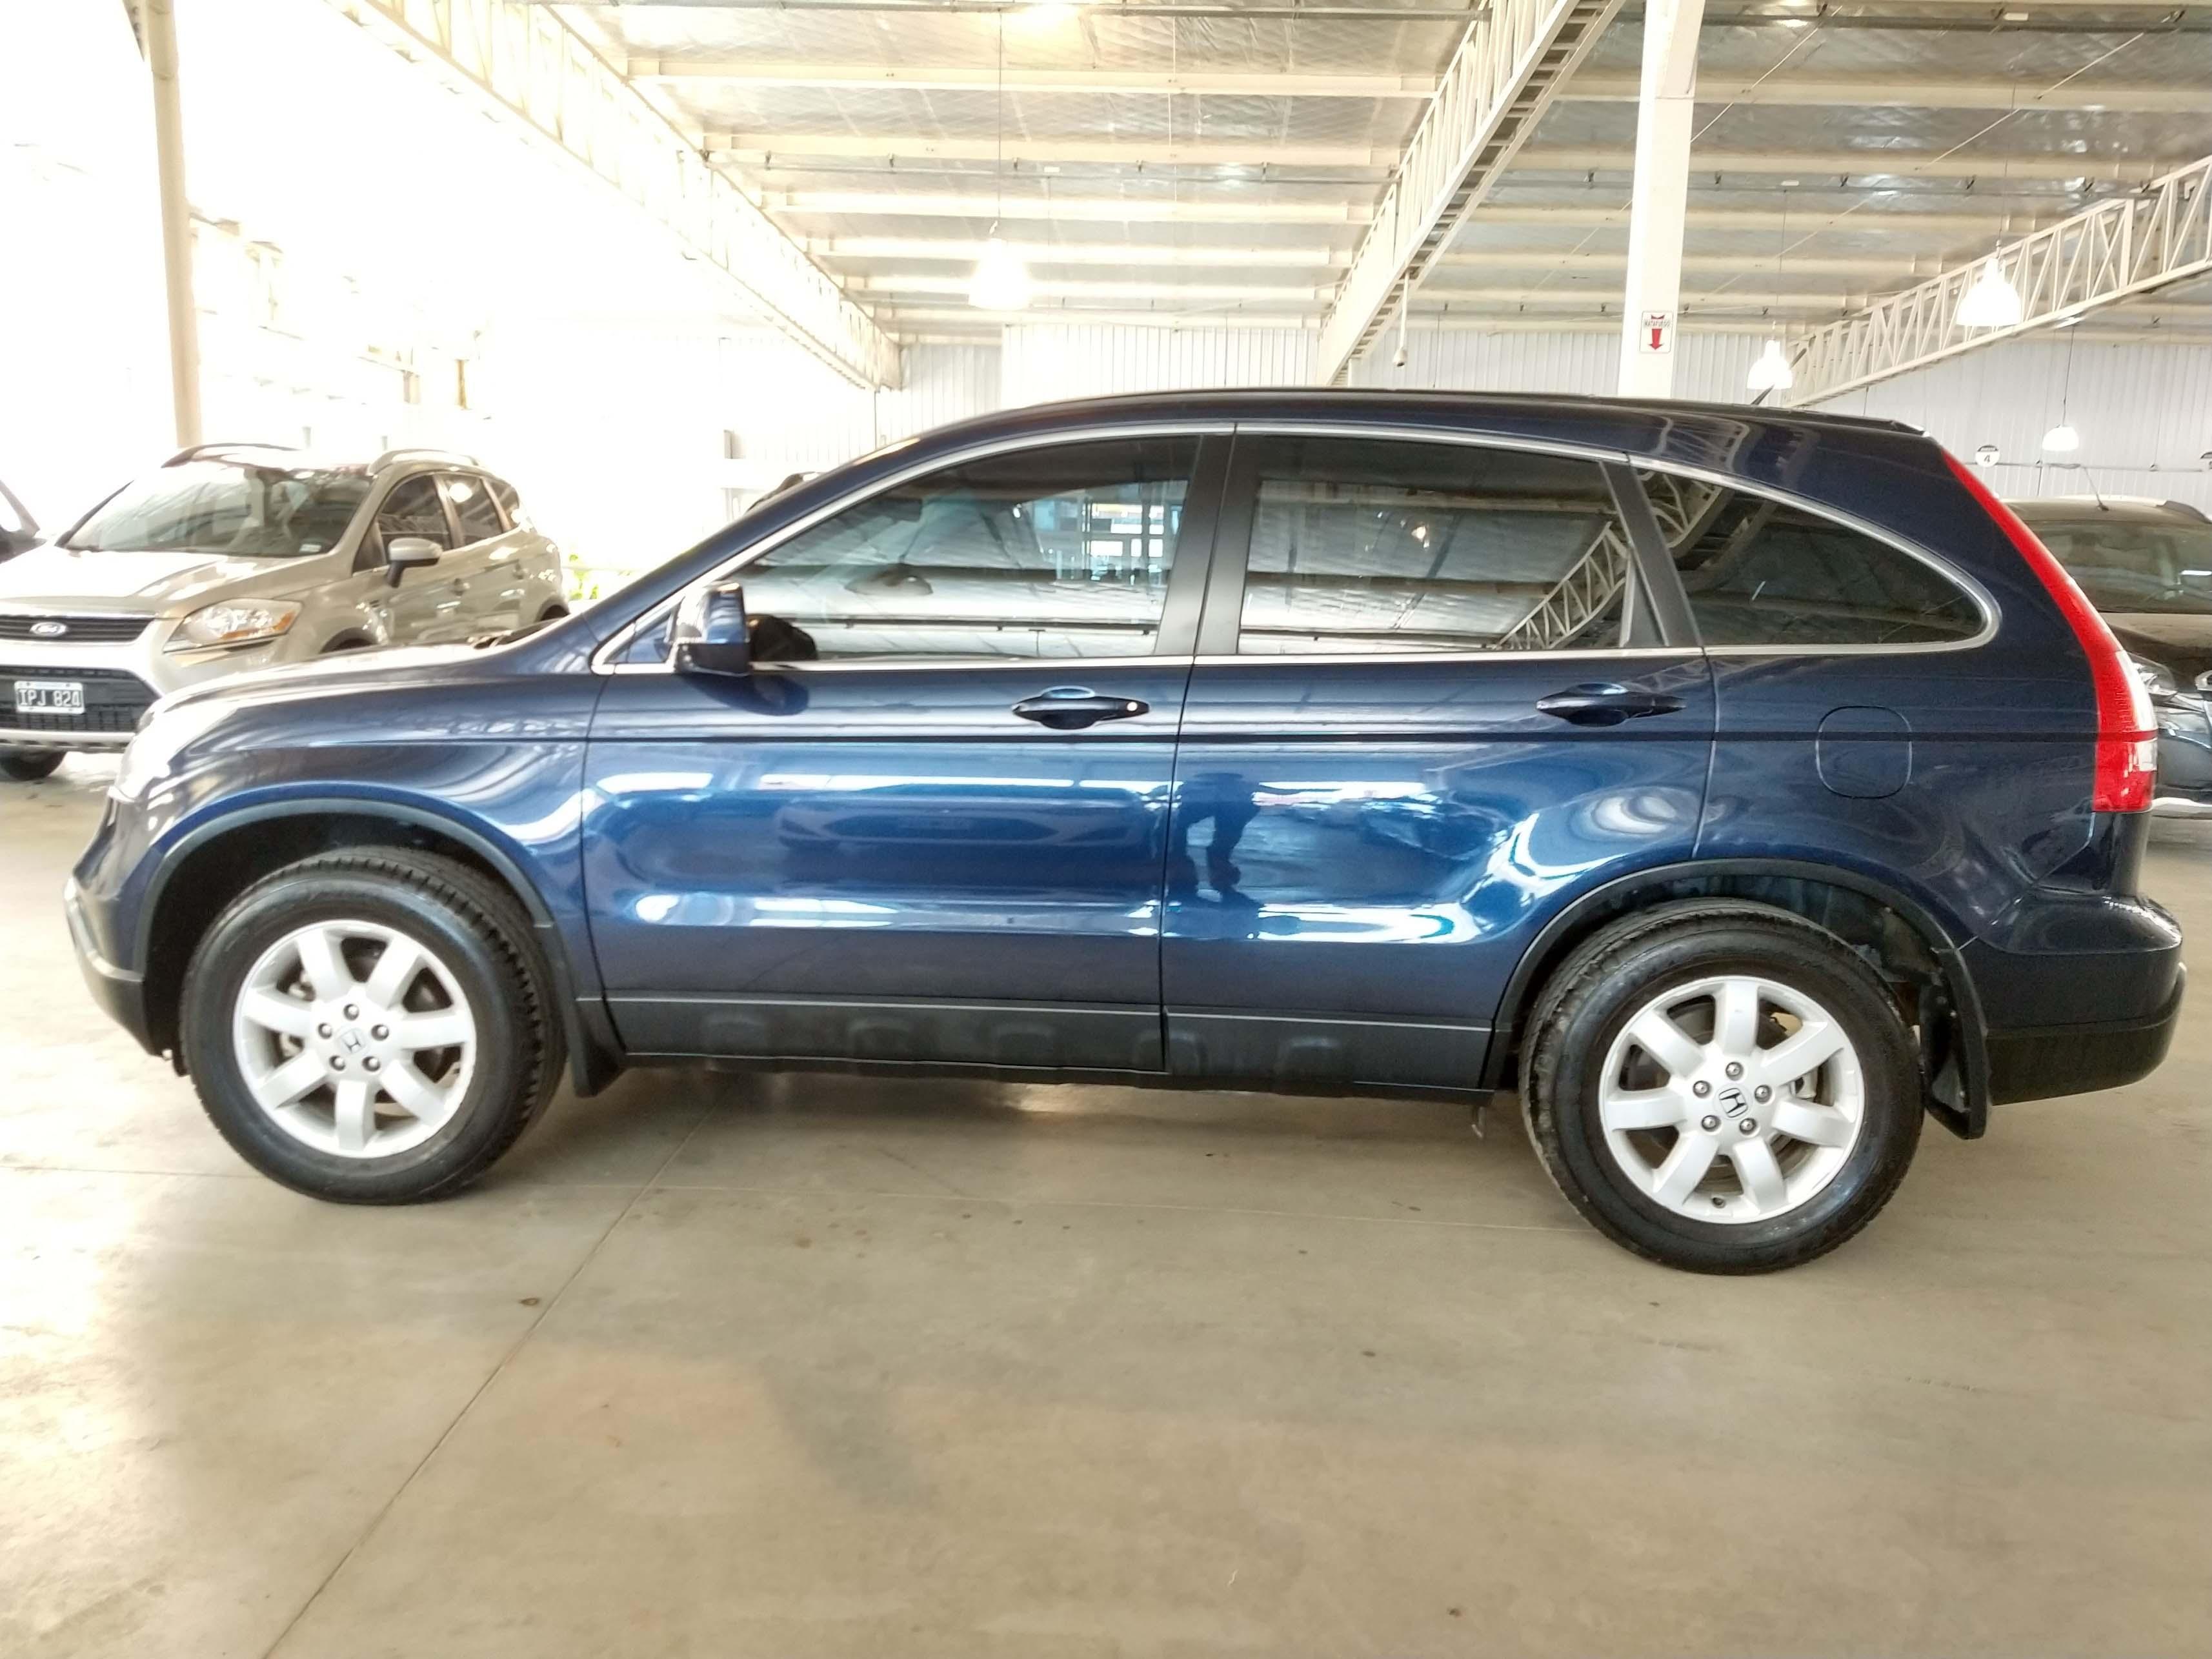 2009 HONDA CRV EXL 2,4